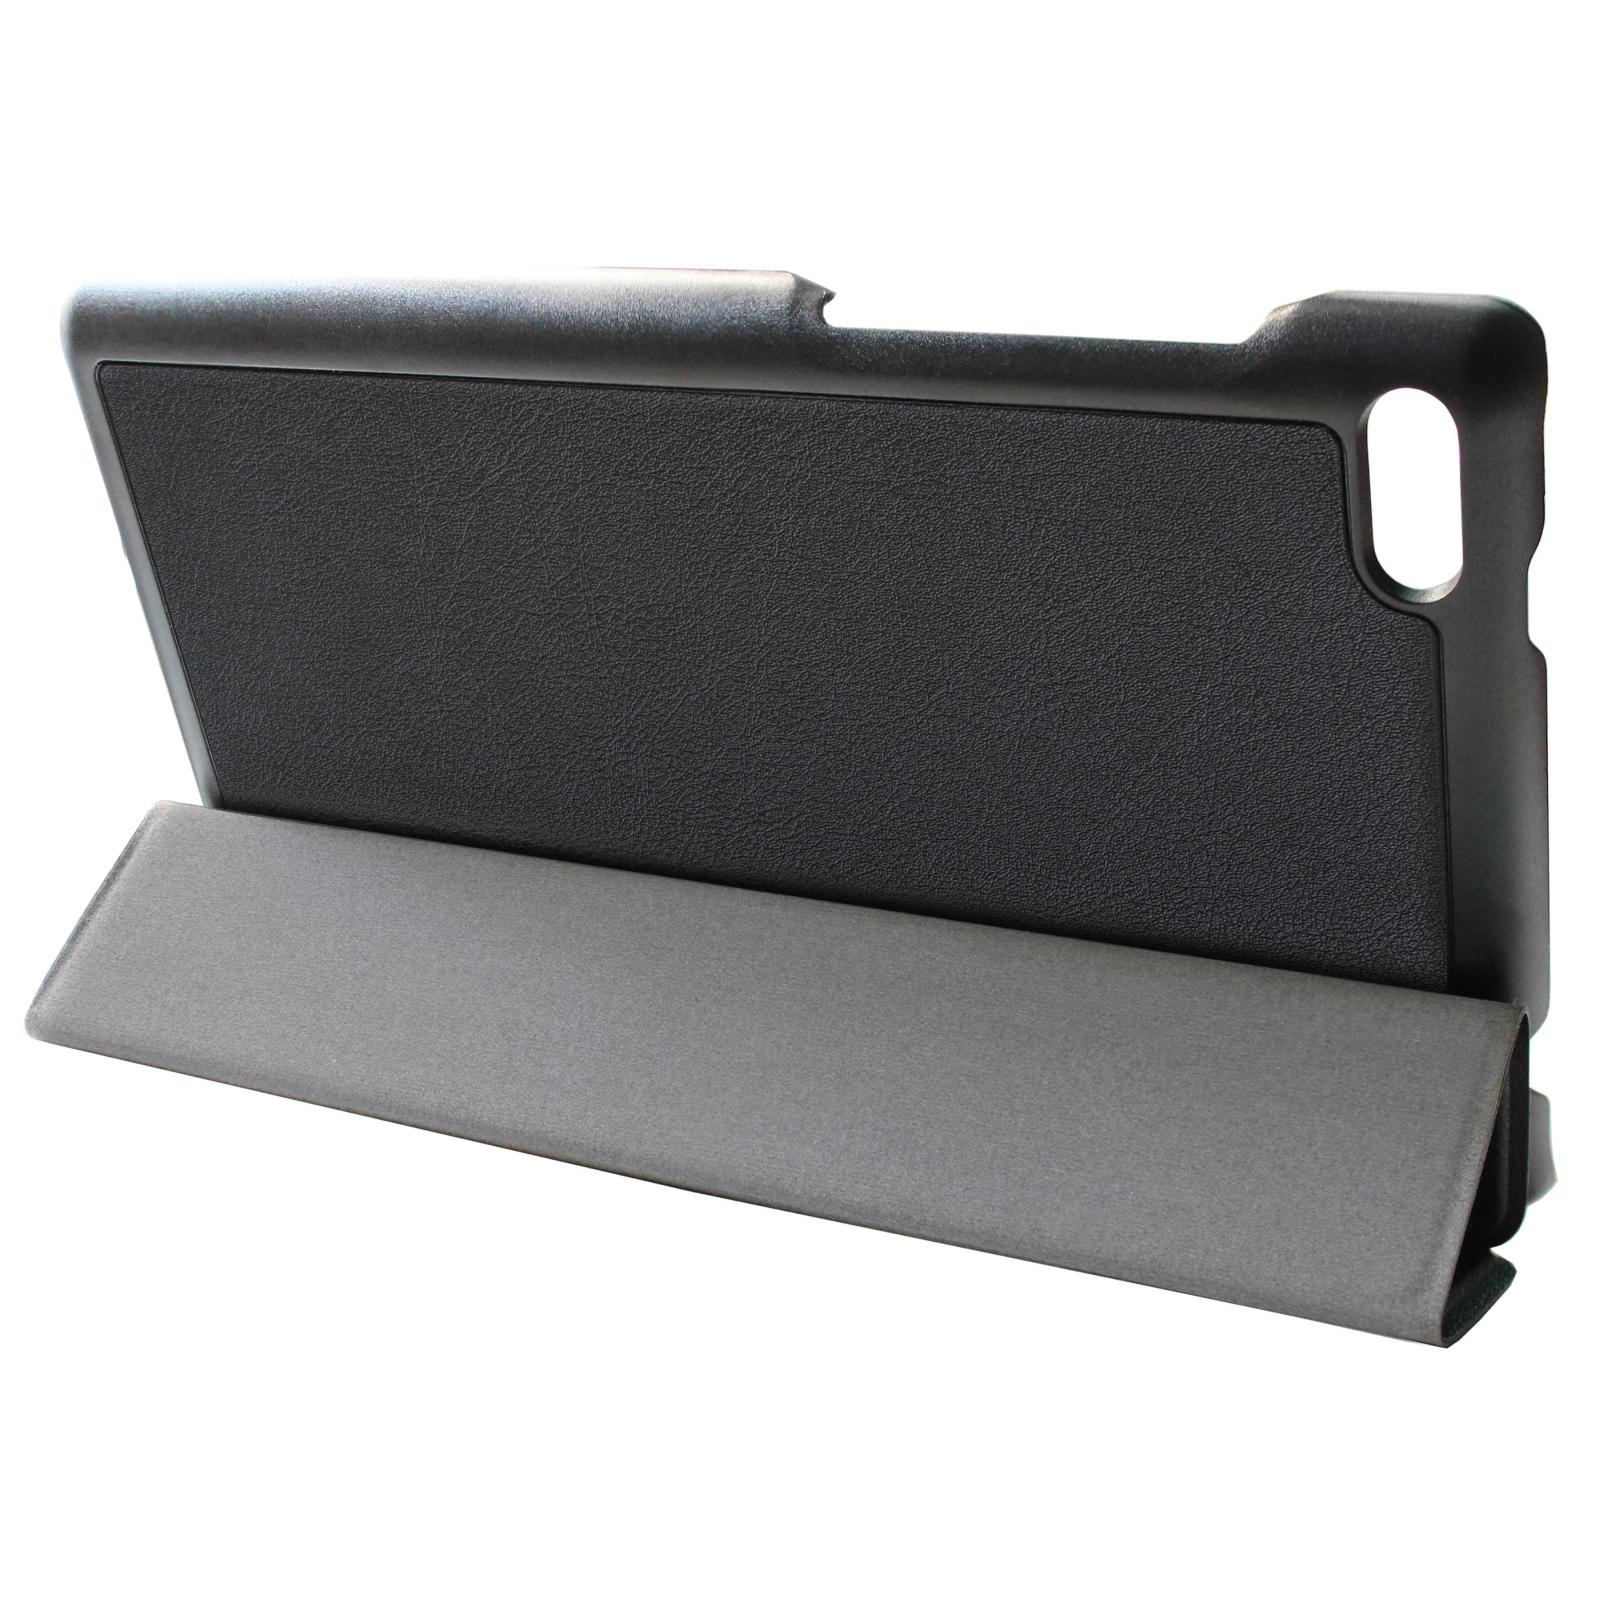 Чехол для планшета Grand-X для Lenovo TAB4 7 TB-7304x Black (LT47PBK) изображение 6